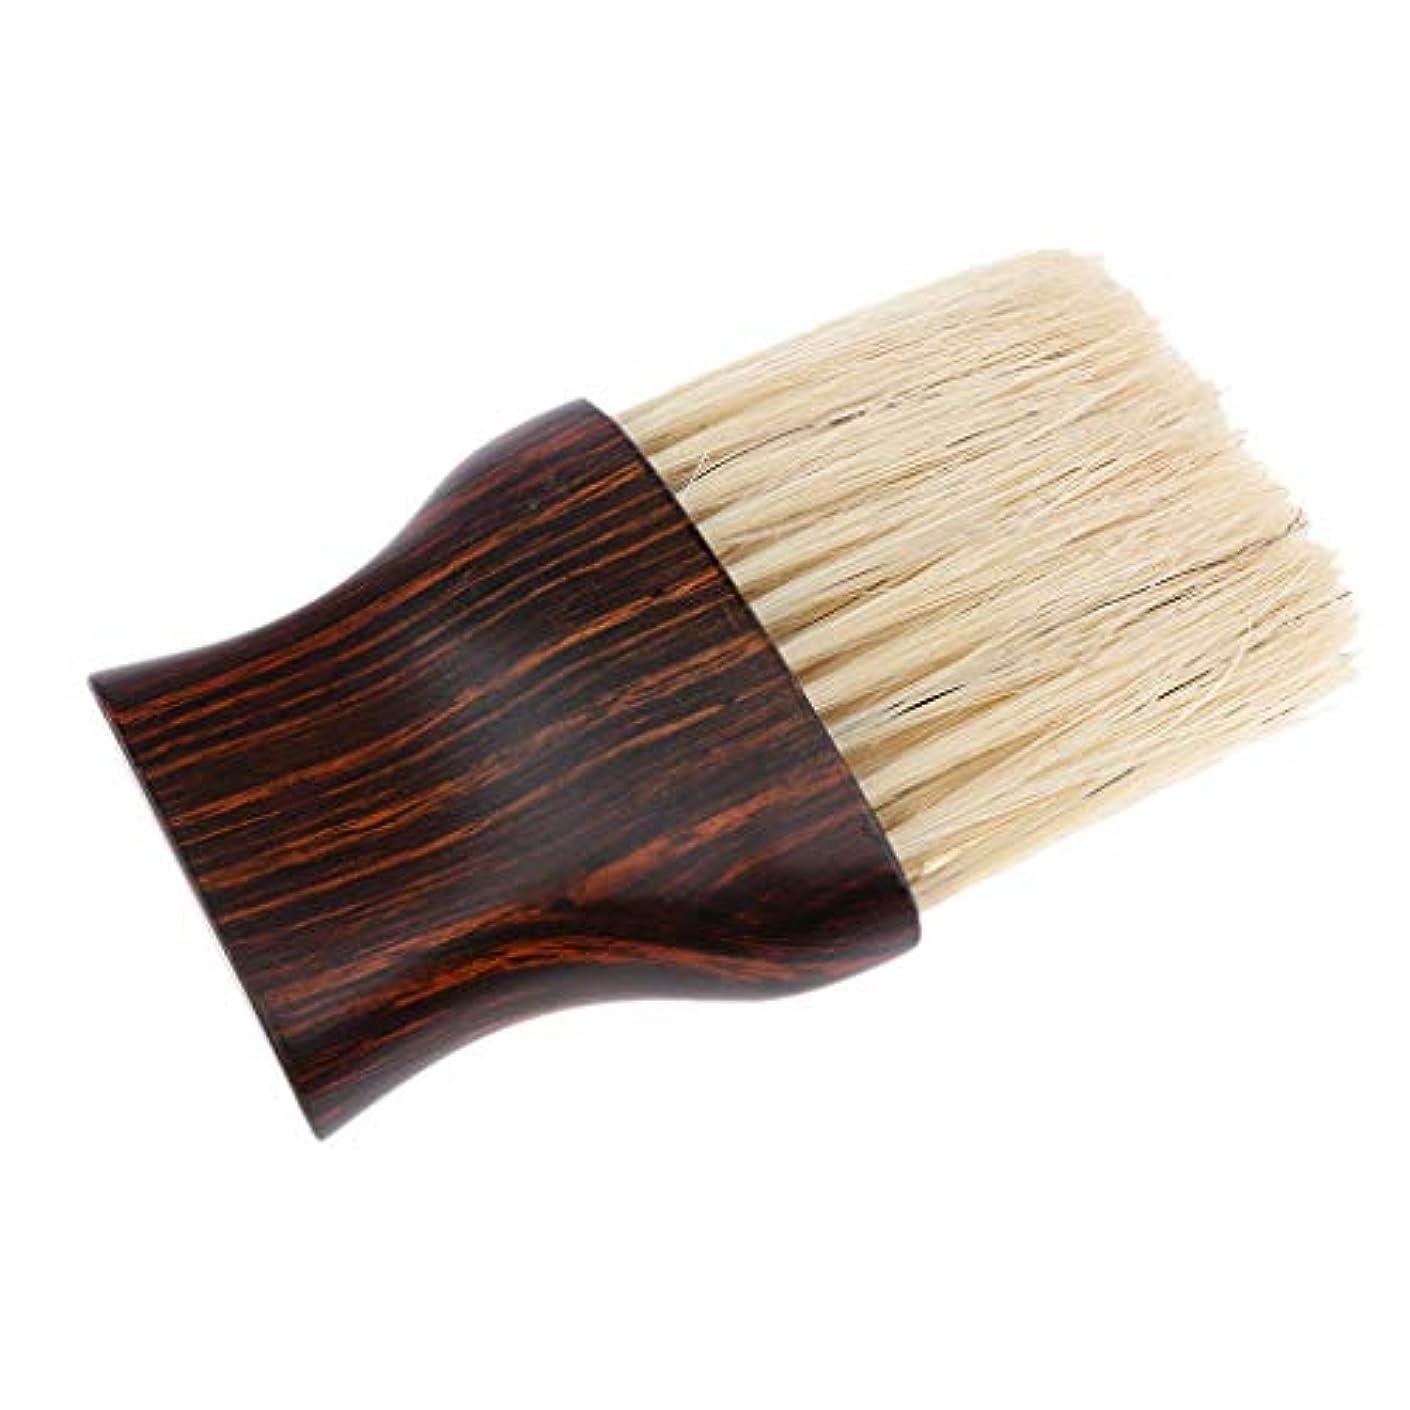 可能十発動機T TOOYFUL ヘアブラシ 毛払いブラシ 散髪 髪切り 散髪用ツール 床屋 理髪店 美容院 ソフトブラシ